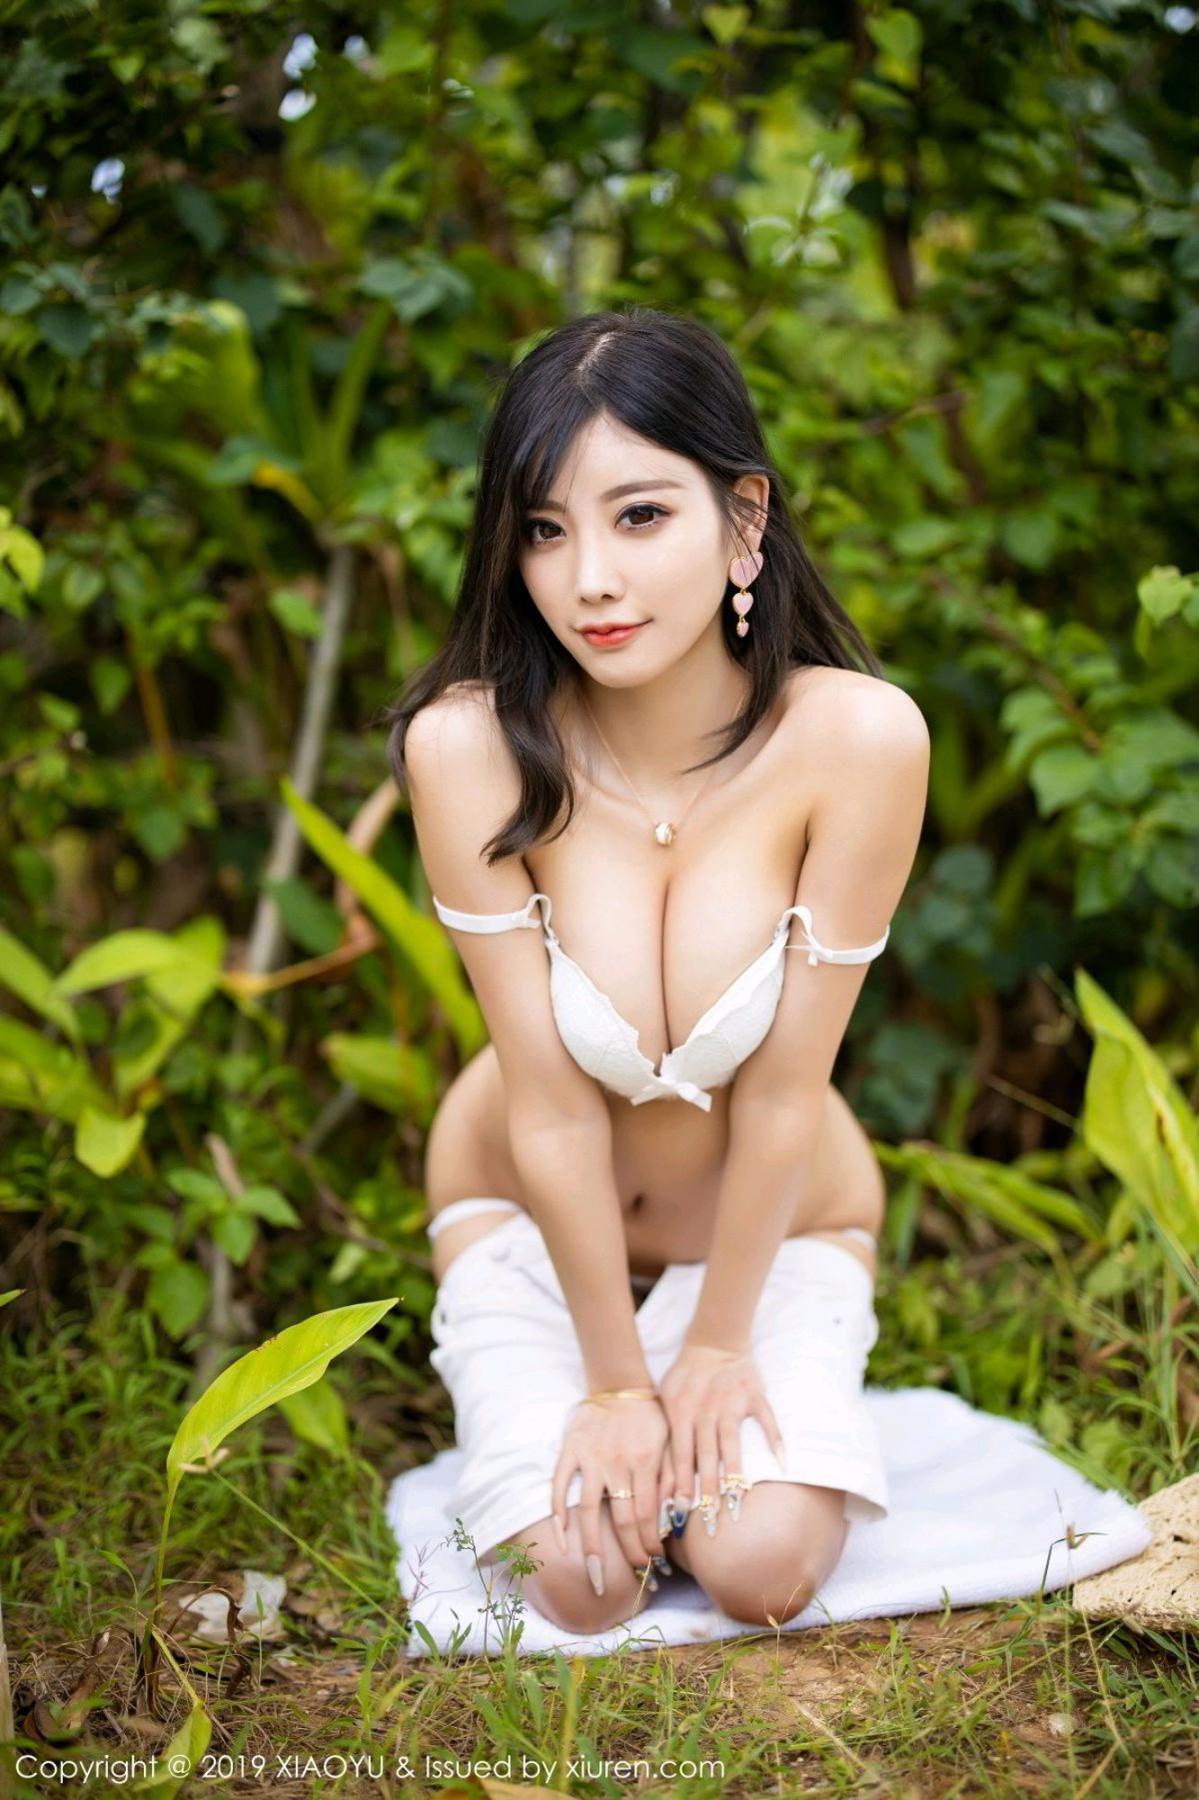 [XiaoYu] Vol.169 Yang Chen Chen 56P, Outdoor, Underwear, XiaoYu, Yang Chen Chen